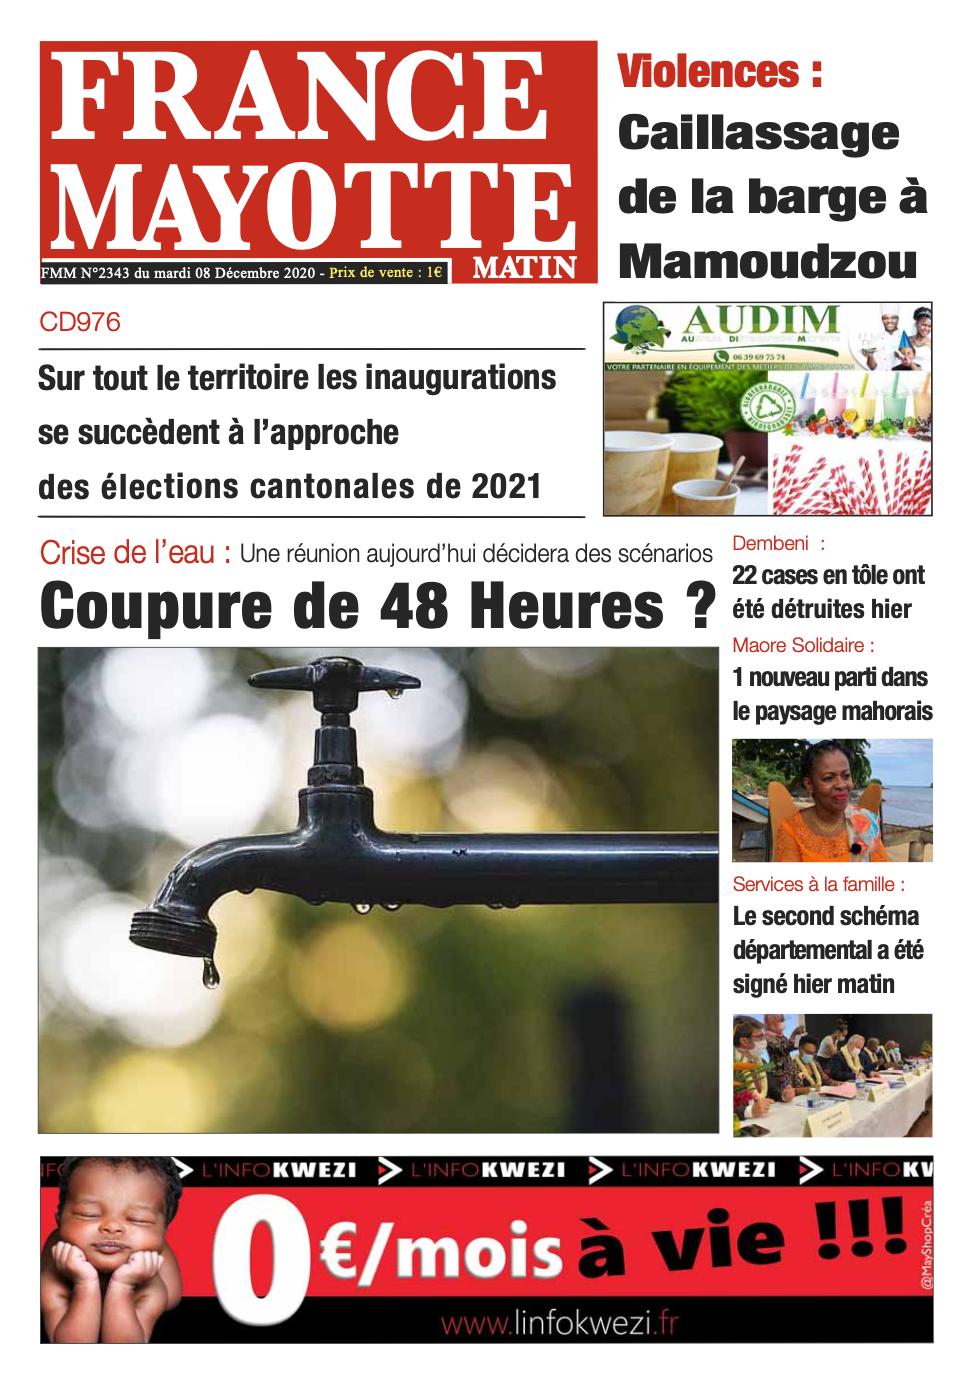 France Mayotte Mardi 8 décembre 2020